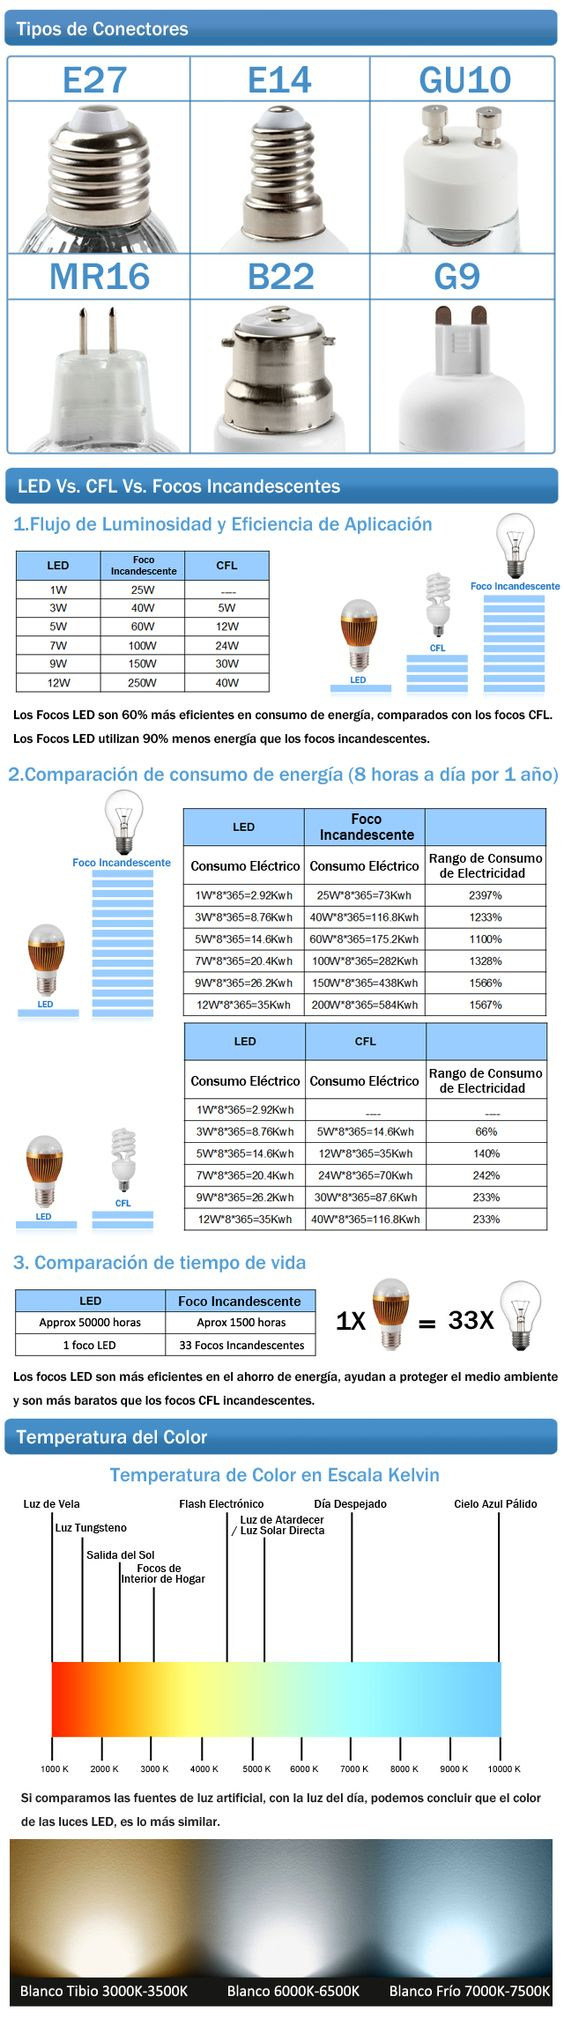 InfogramaLamparasLed.jpg